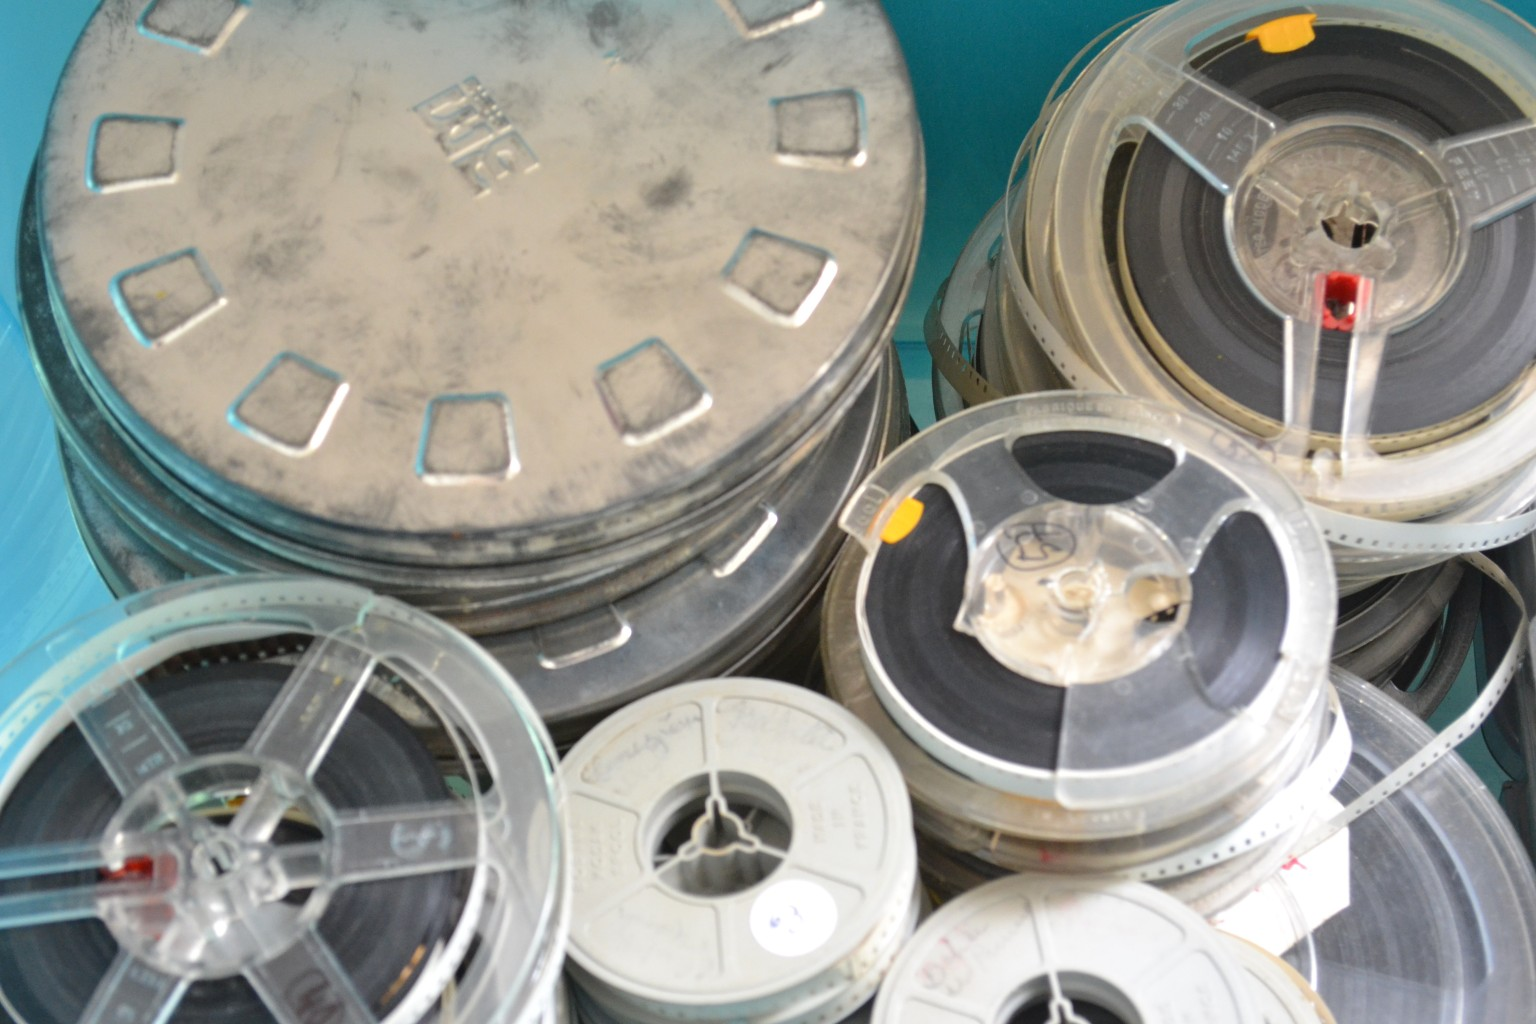 Caisse de films offerts à l'association. ©MD